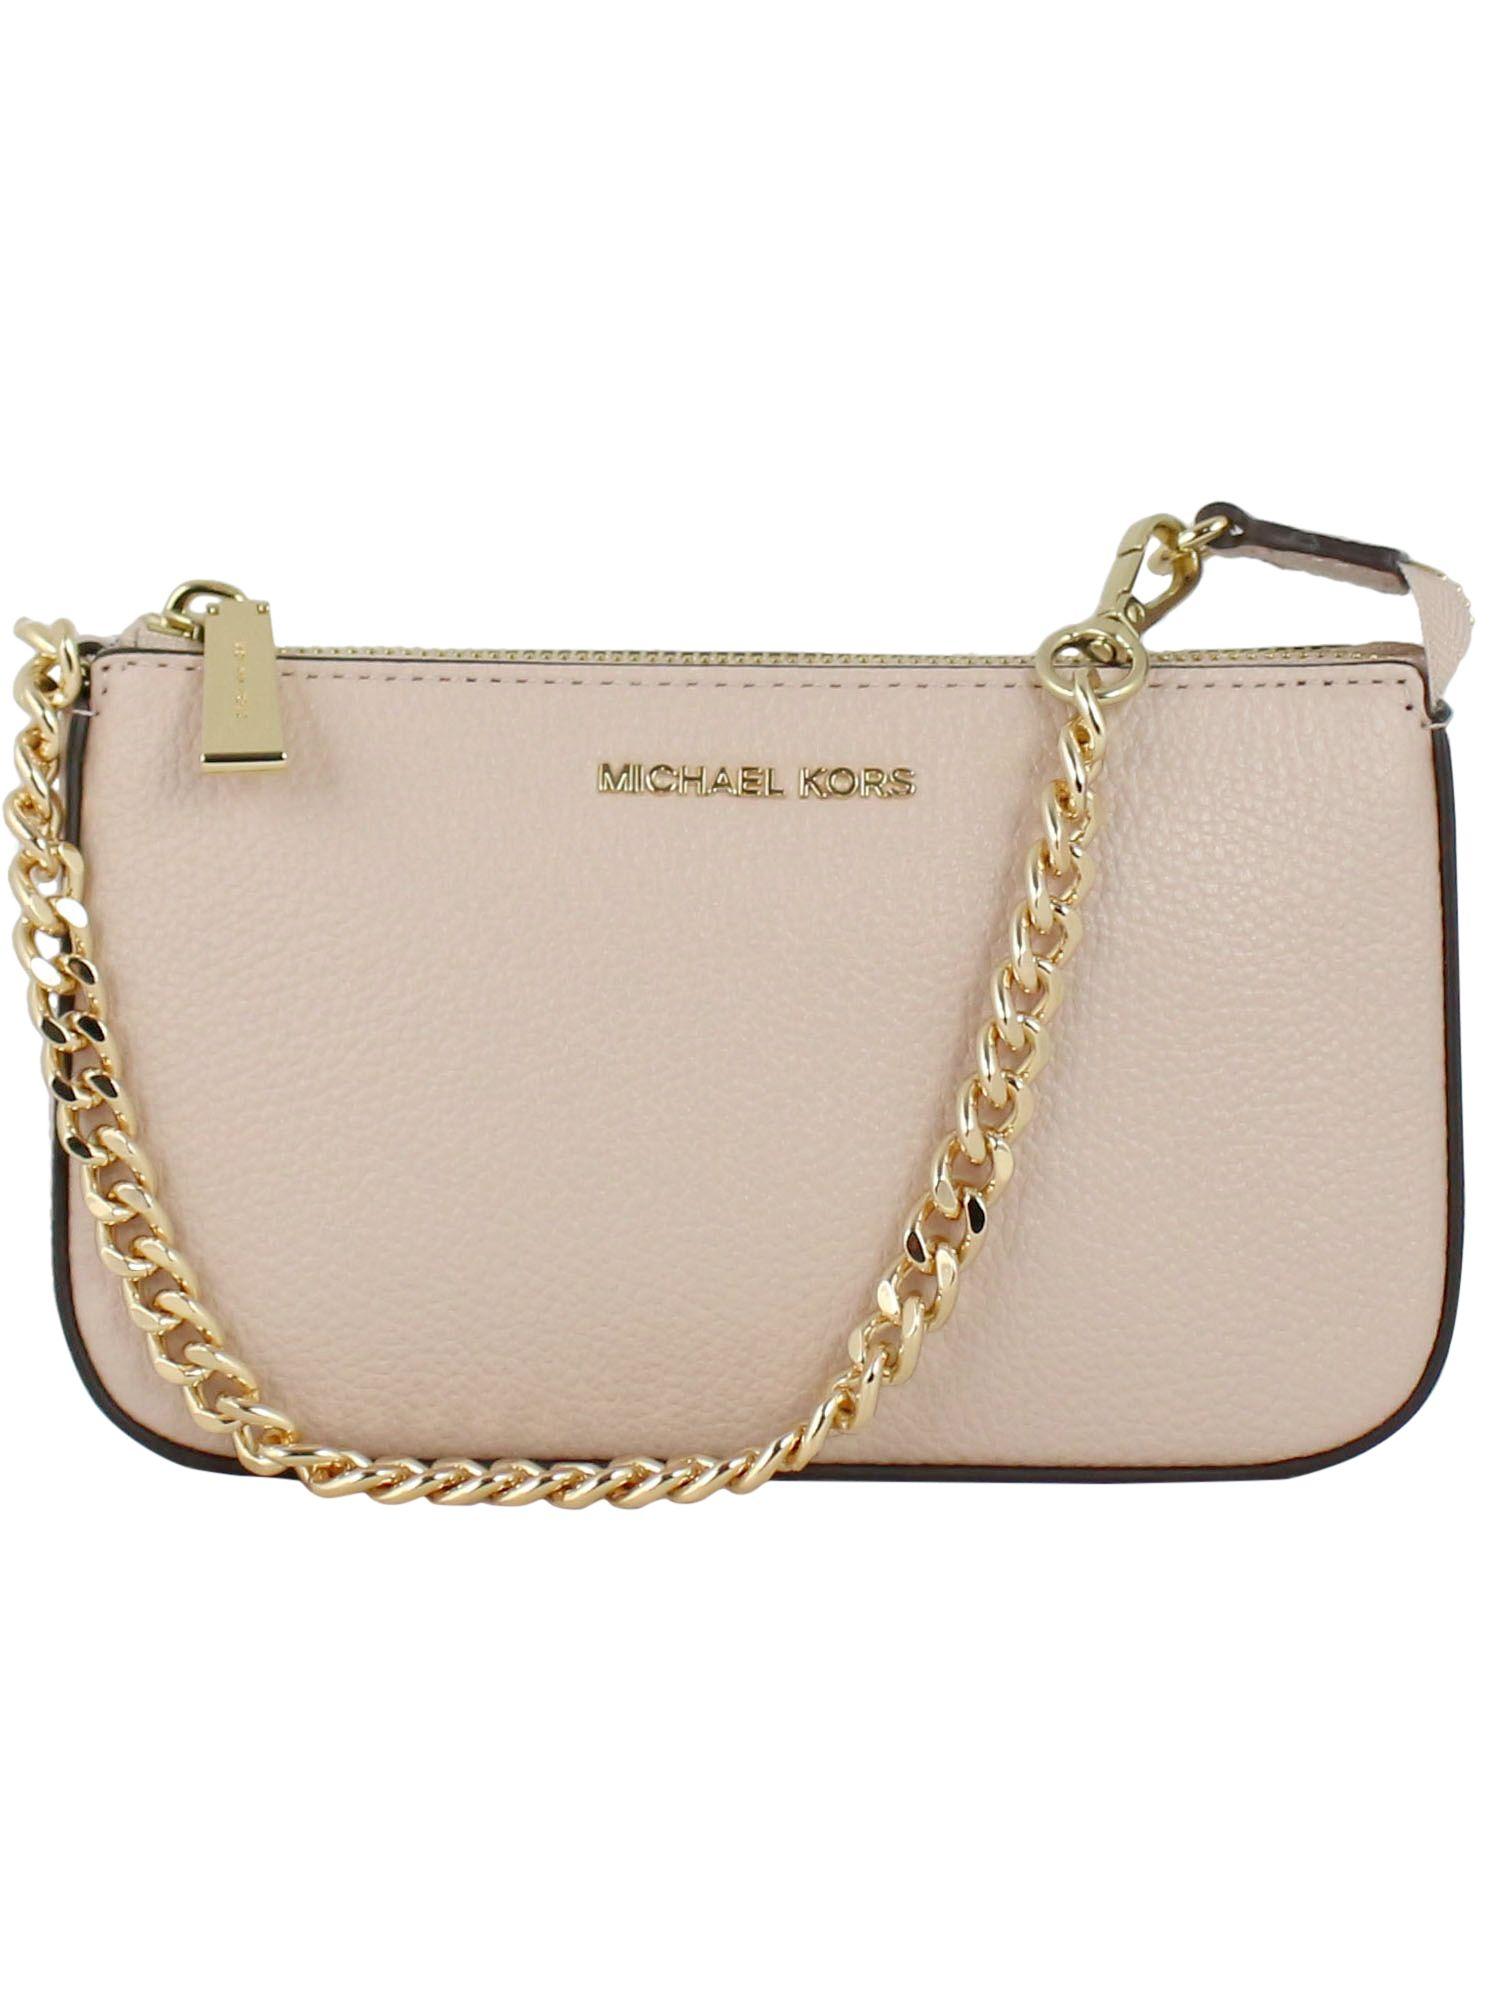 Michael Kors Women's Pink Leather Shoulder Bag